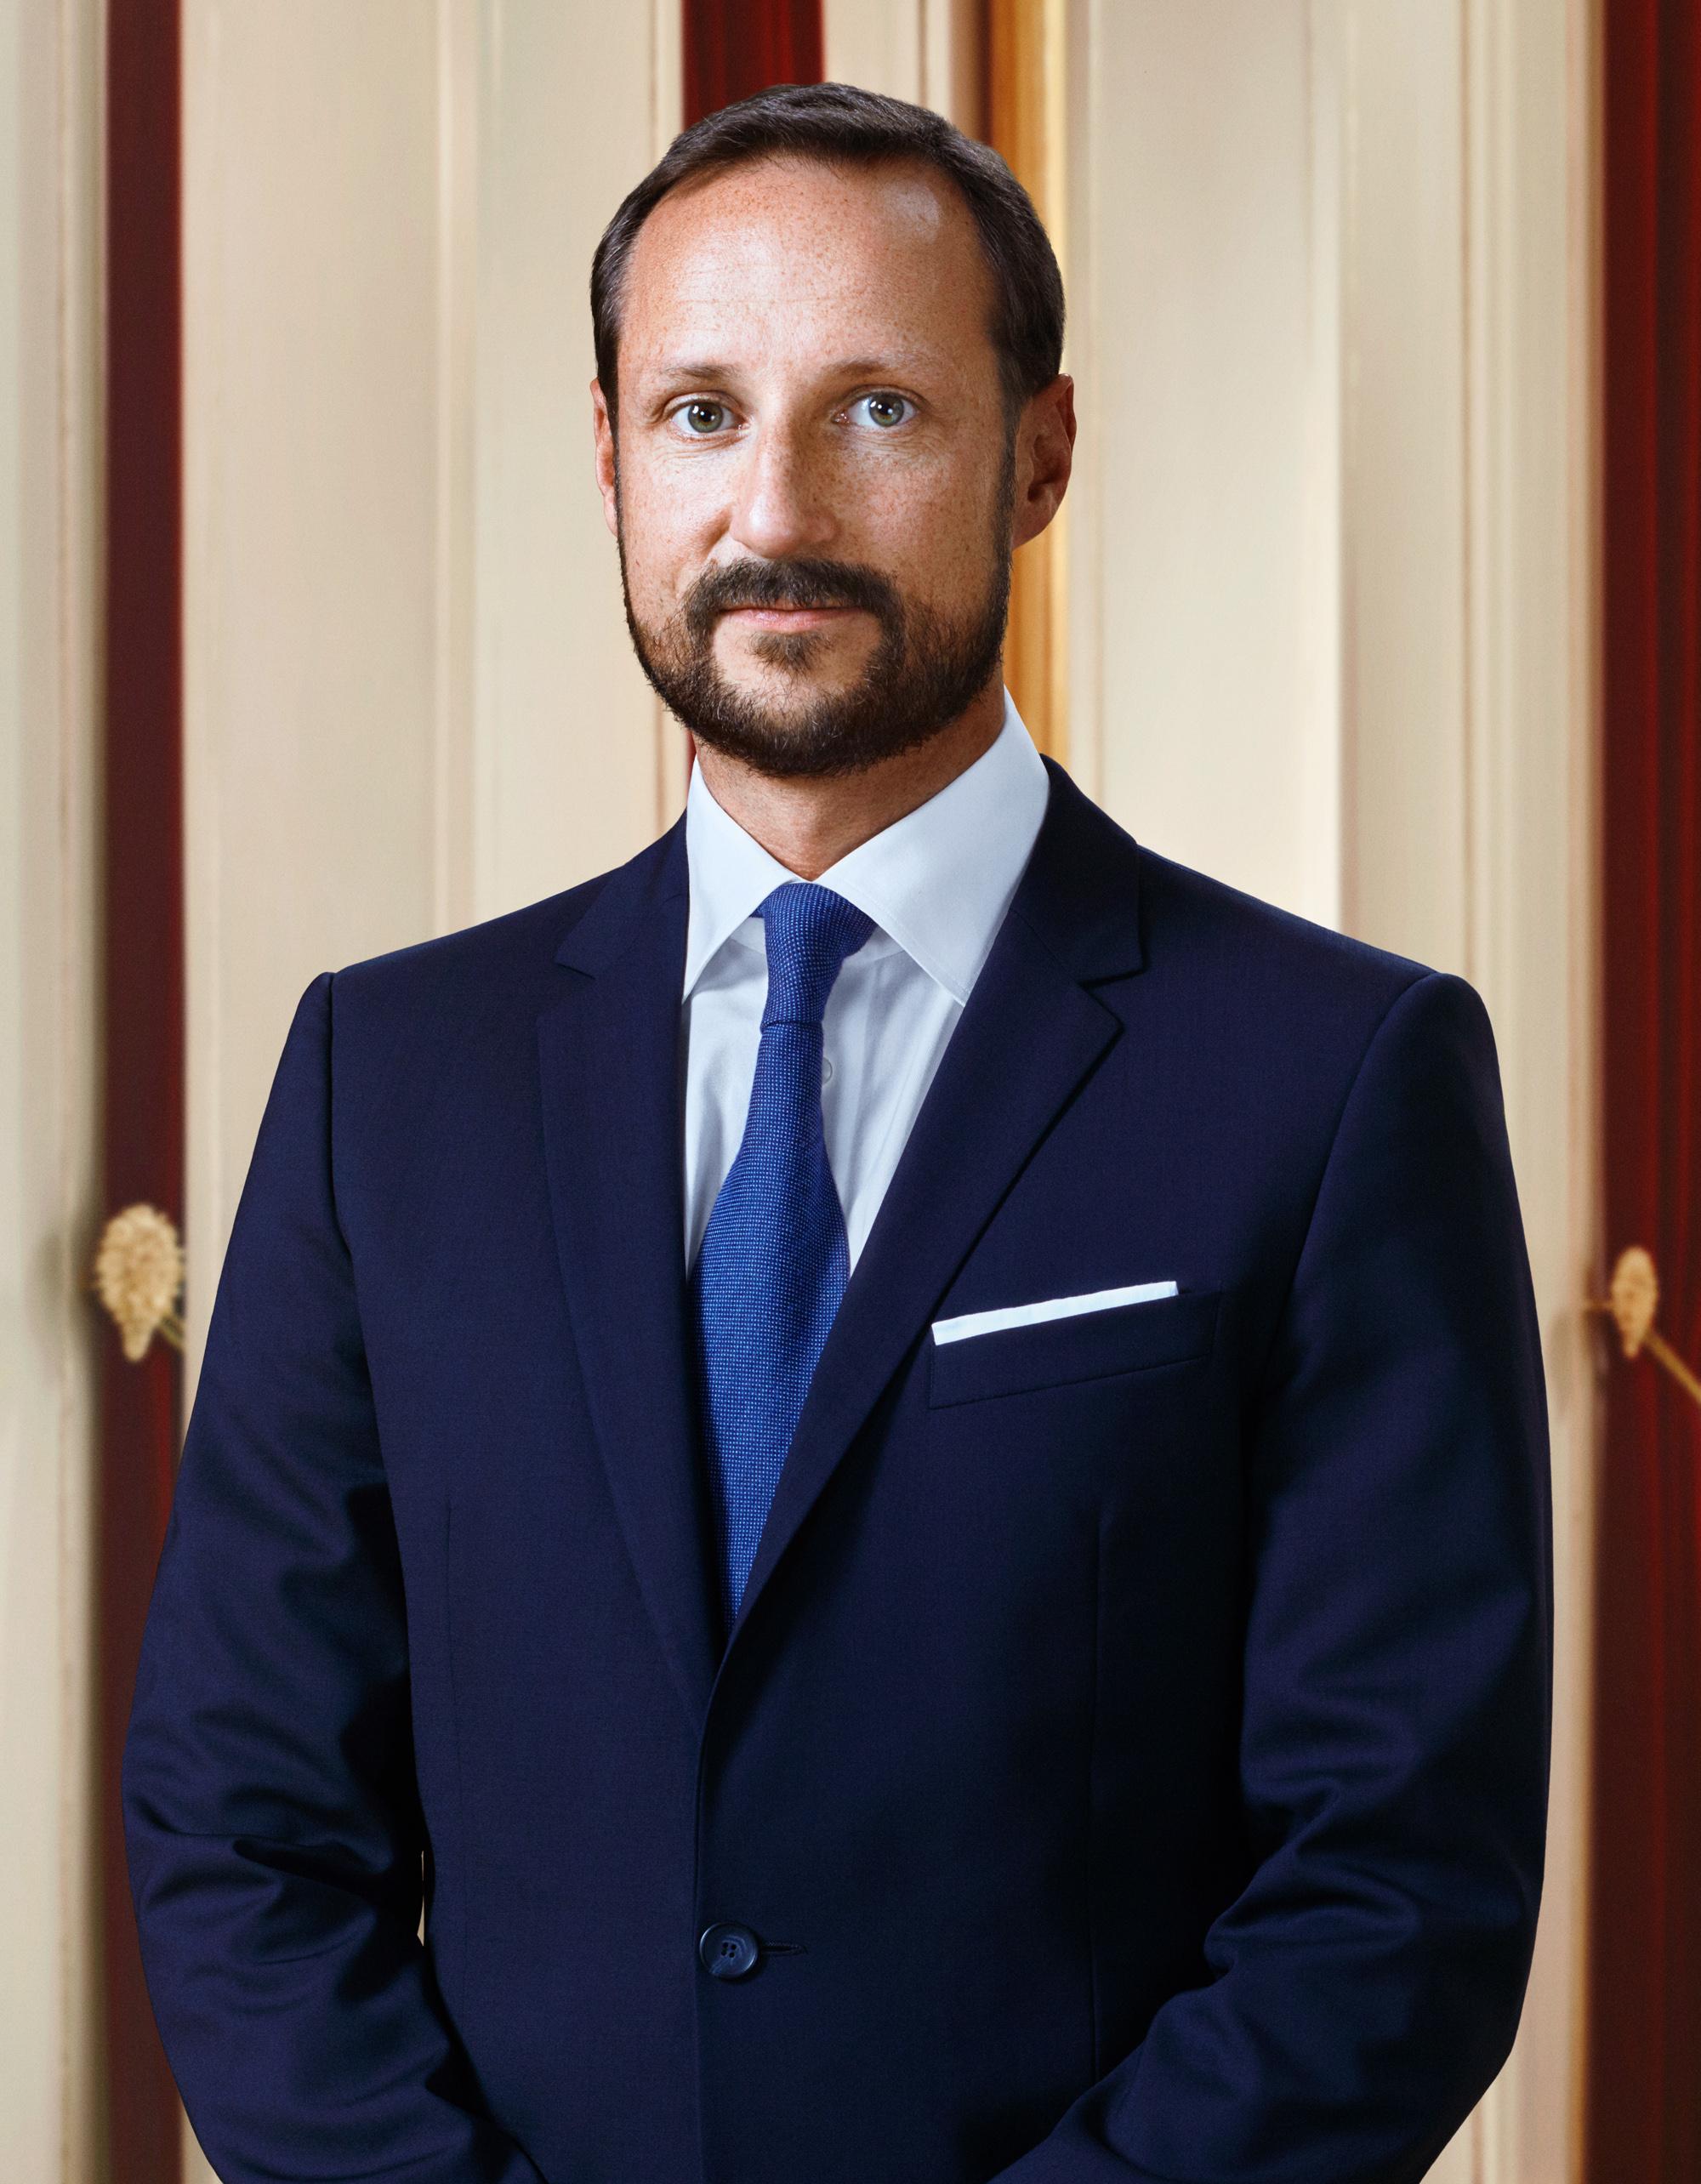 His Royal Highness Crown Prince Haakon